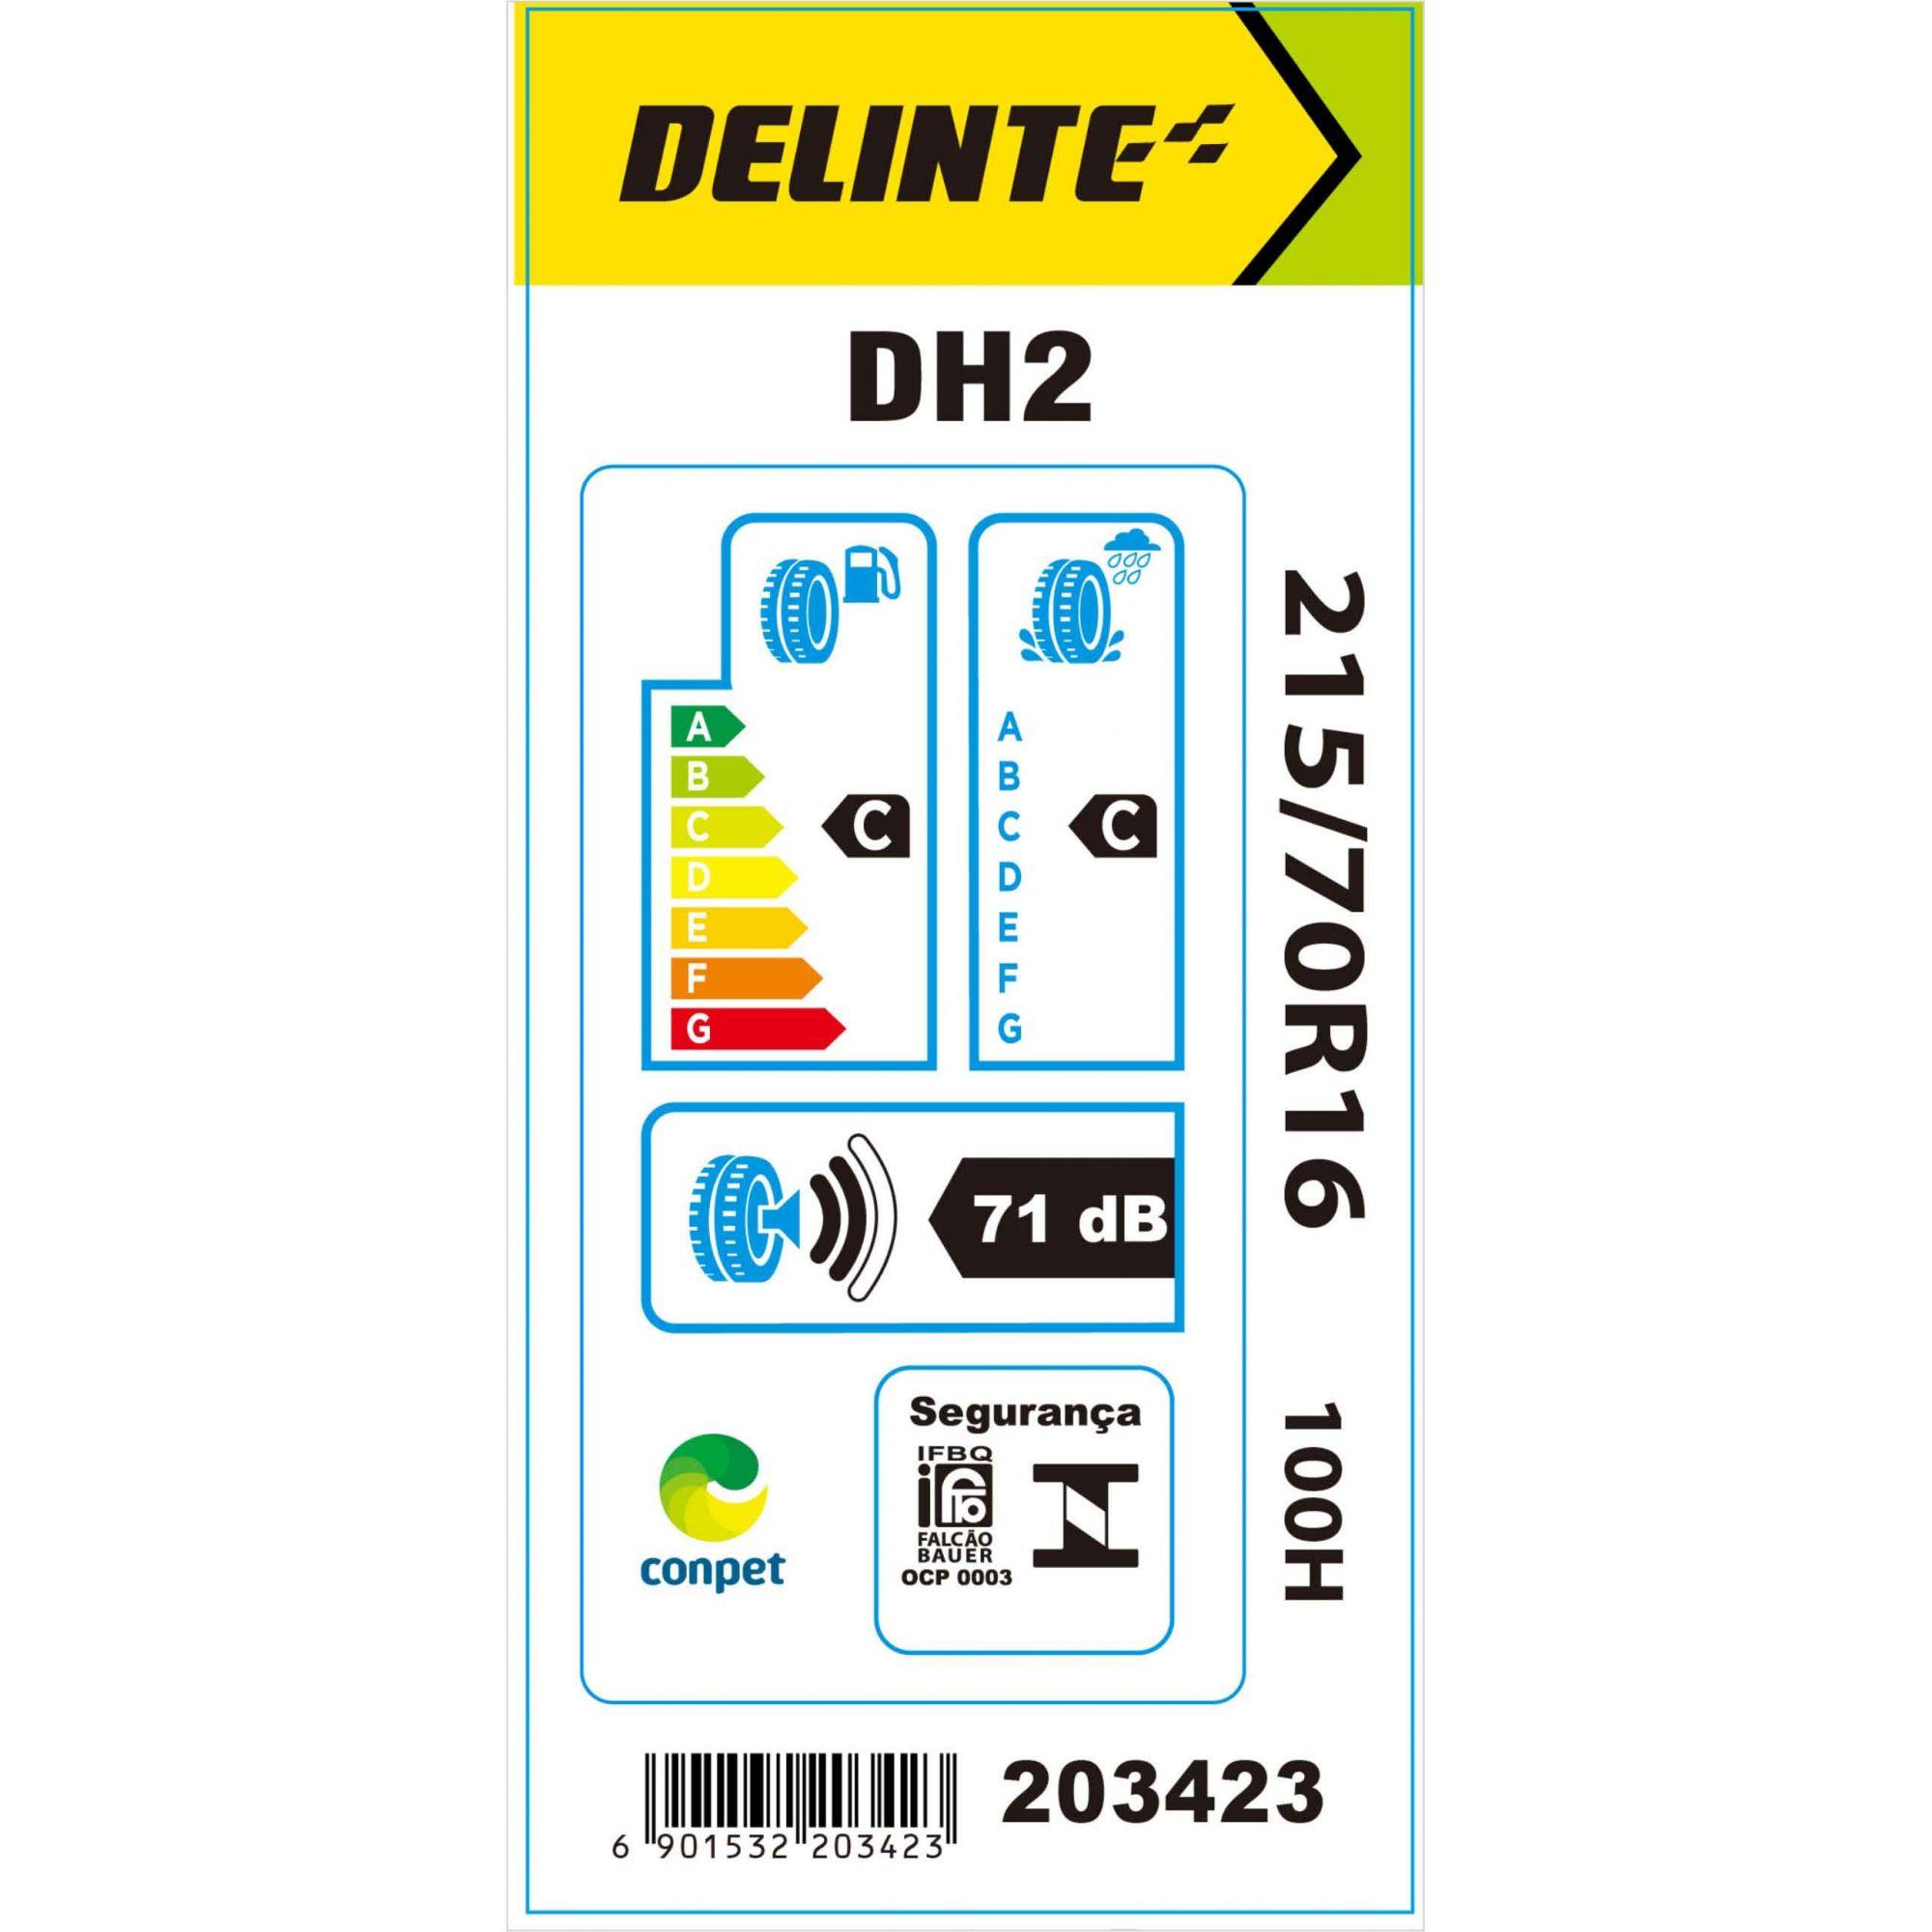 Pneu 215/70R16 Delinte DH2 100H